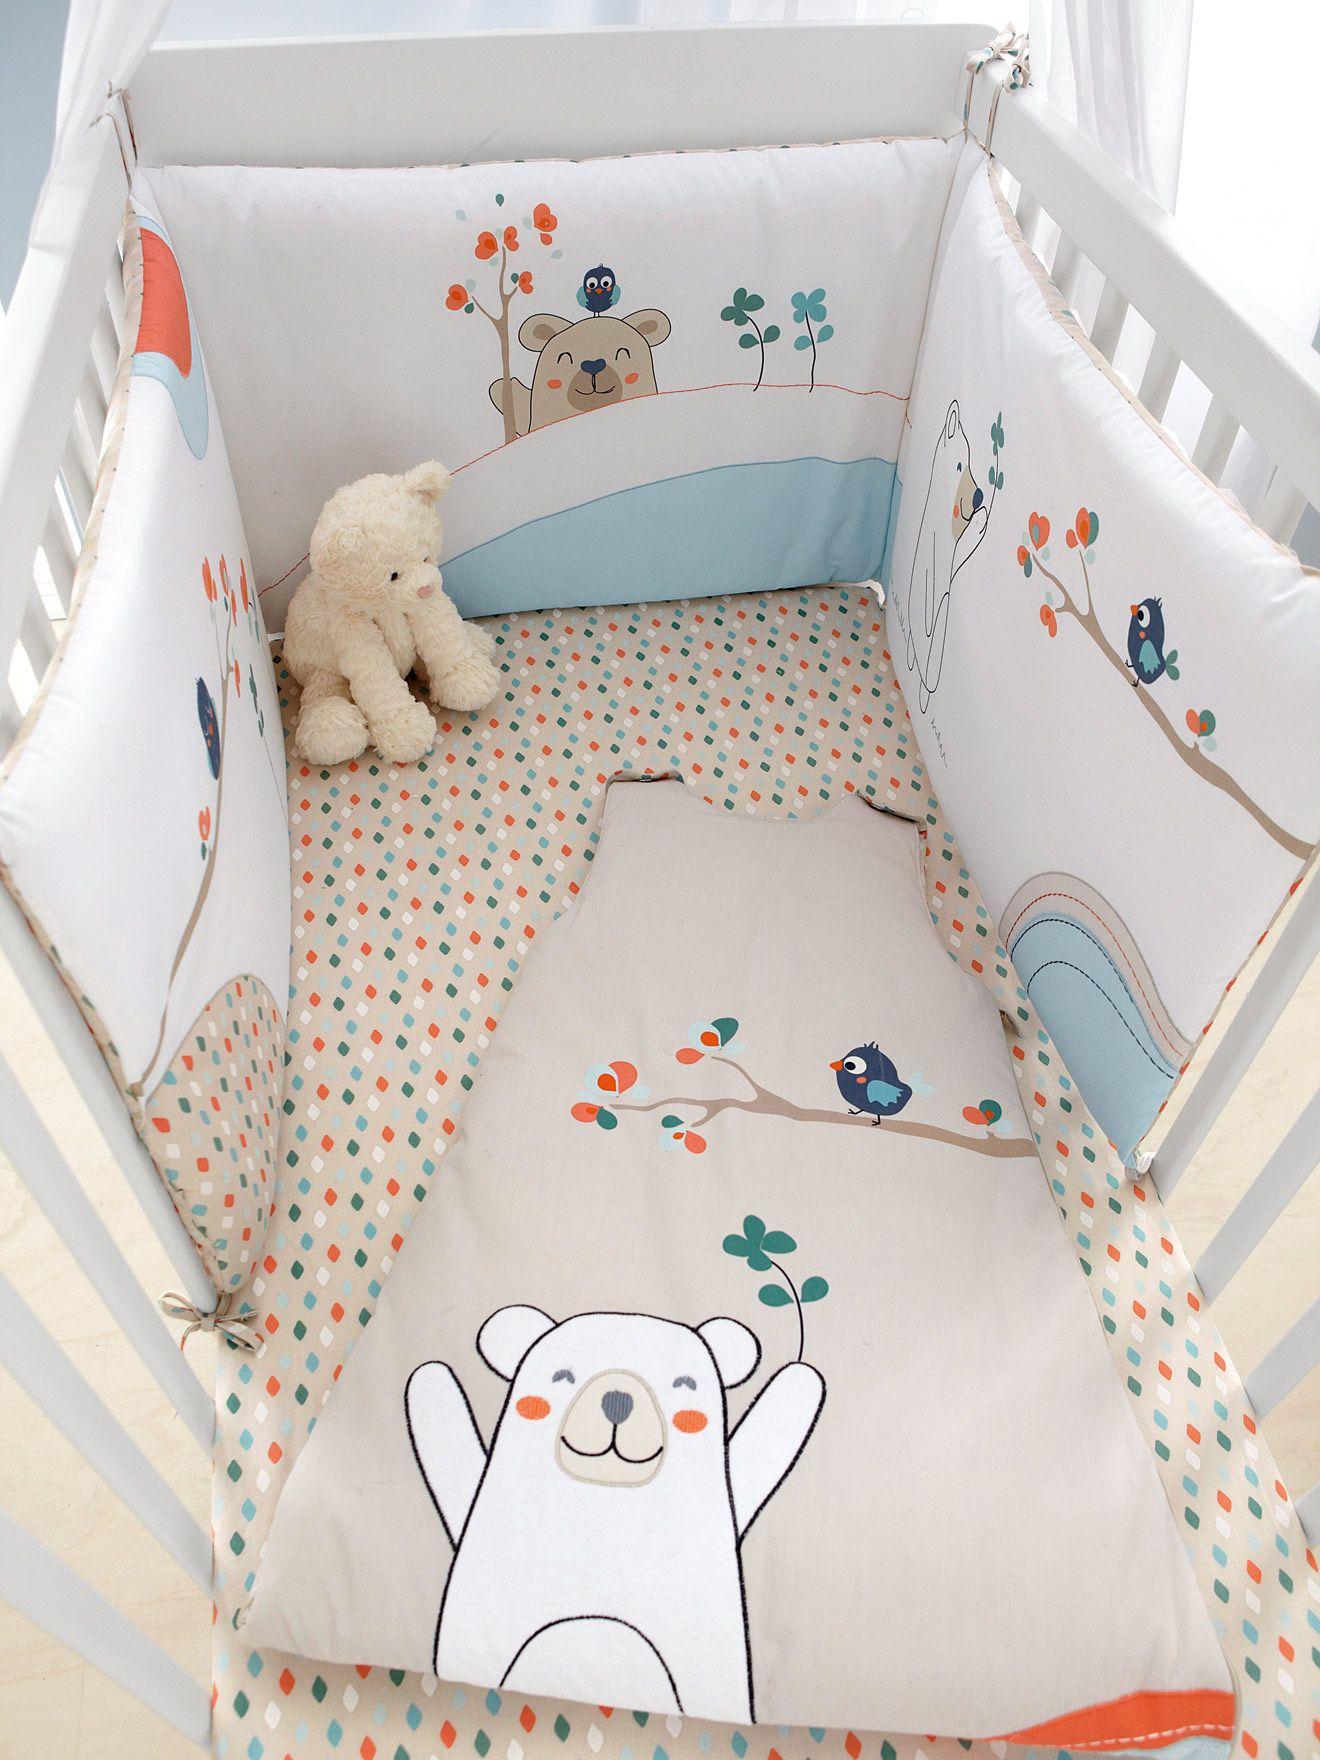 Le tour de lit est la fois un lment de dcoration et de for Vertbaudet toulon